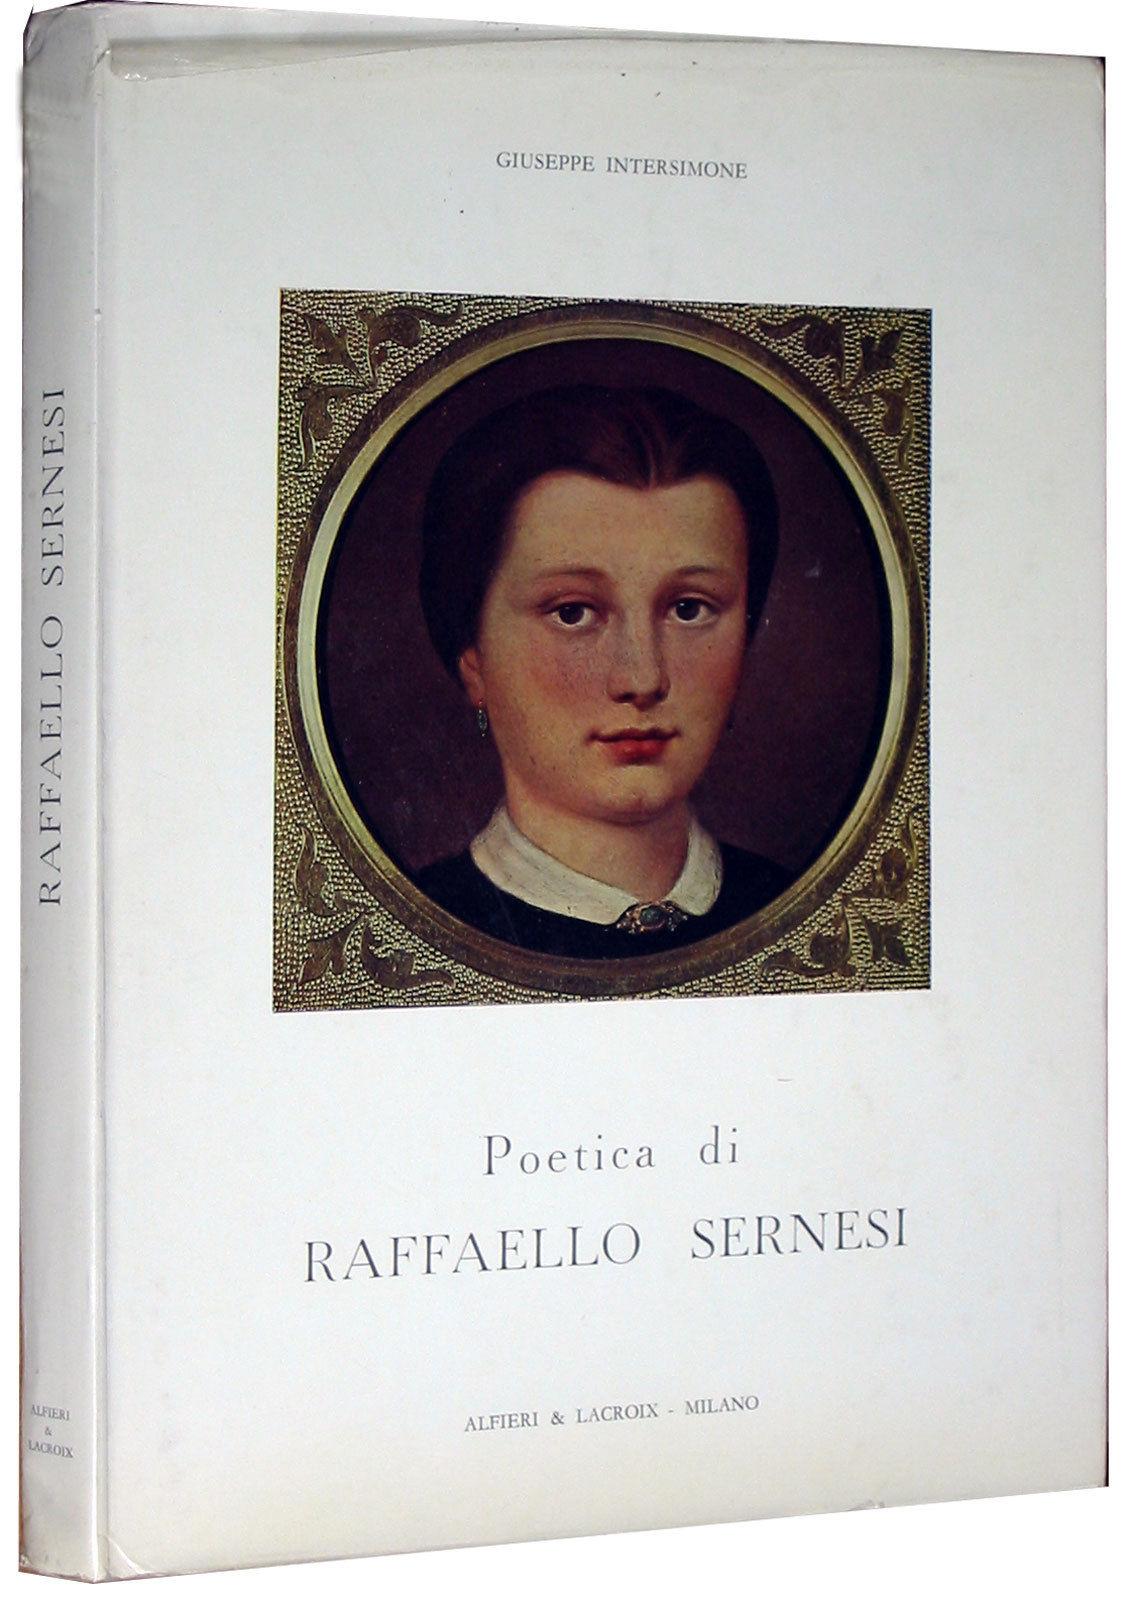 Poetica di Raffaello Sernesi